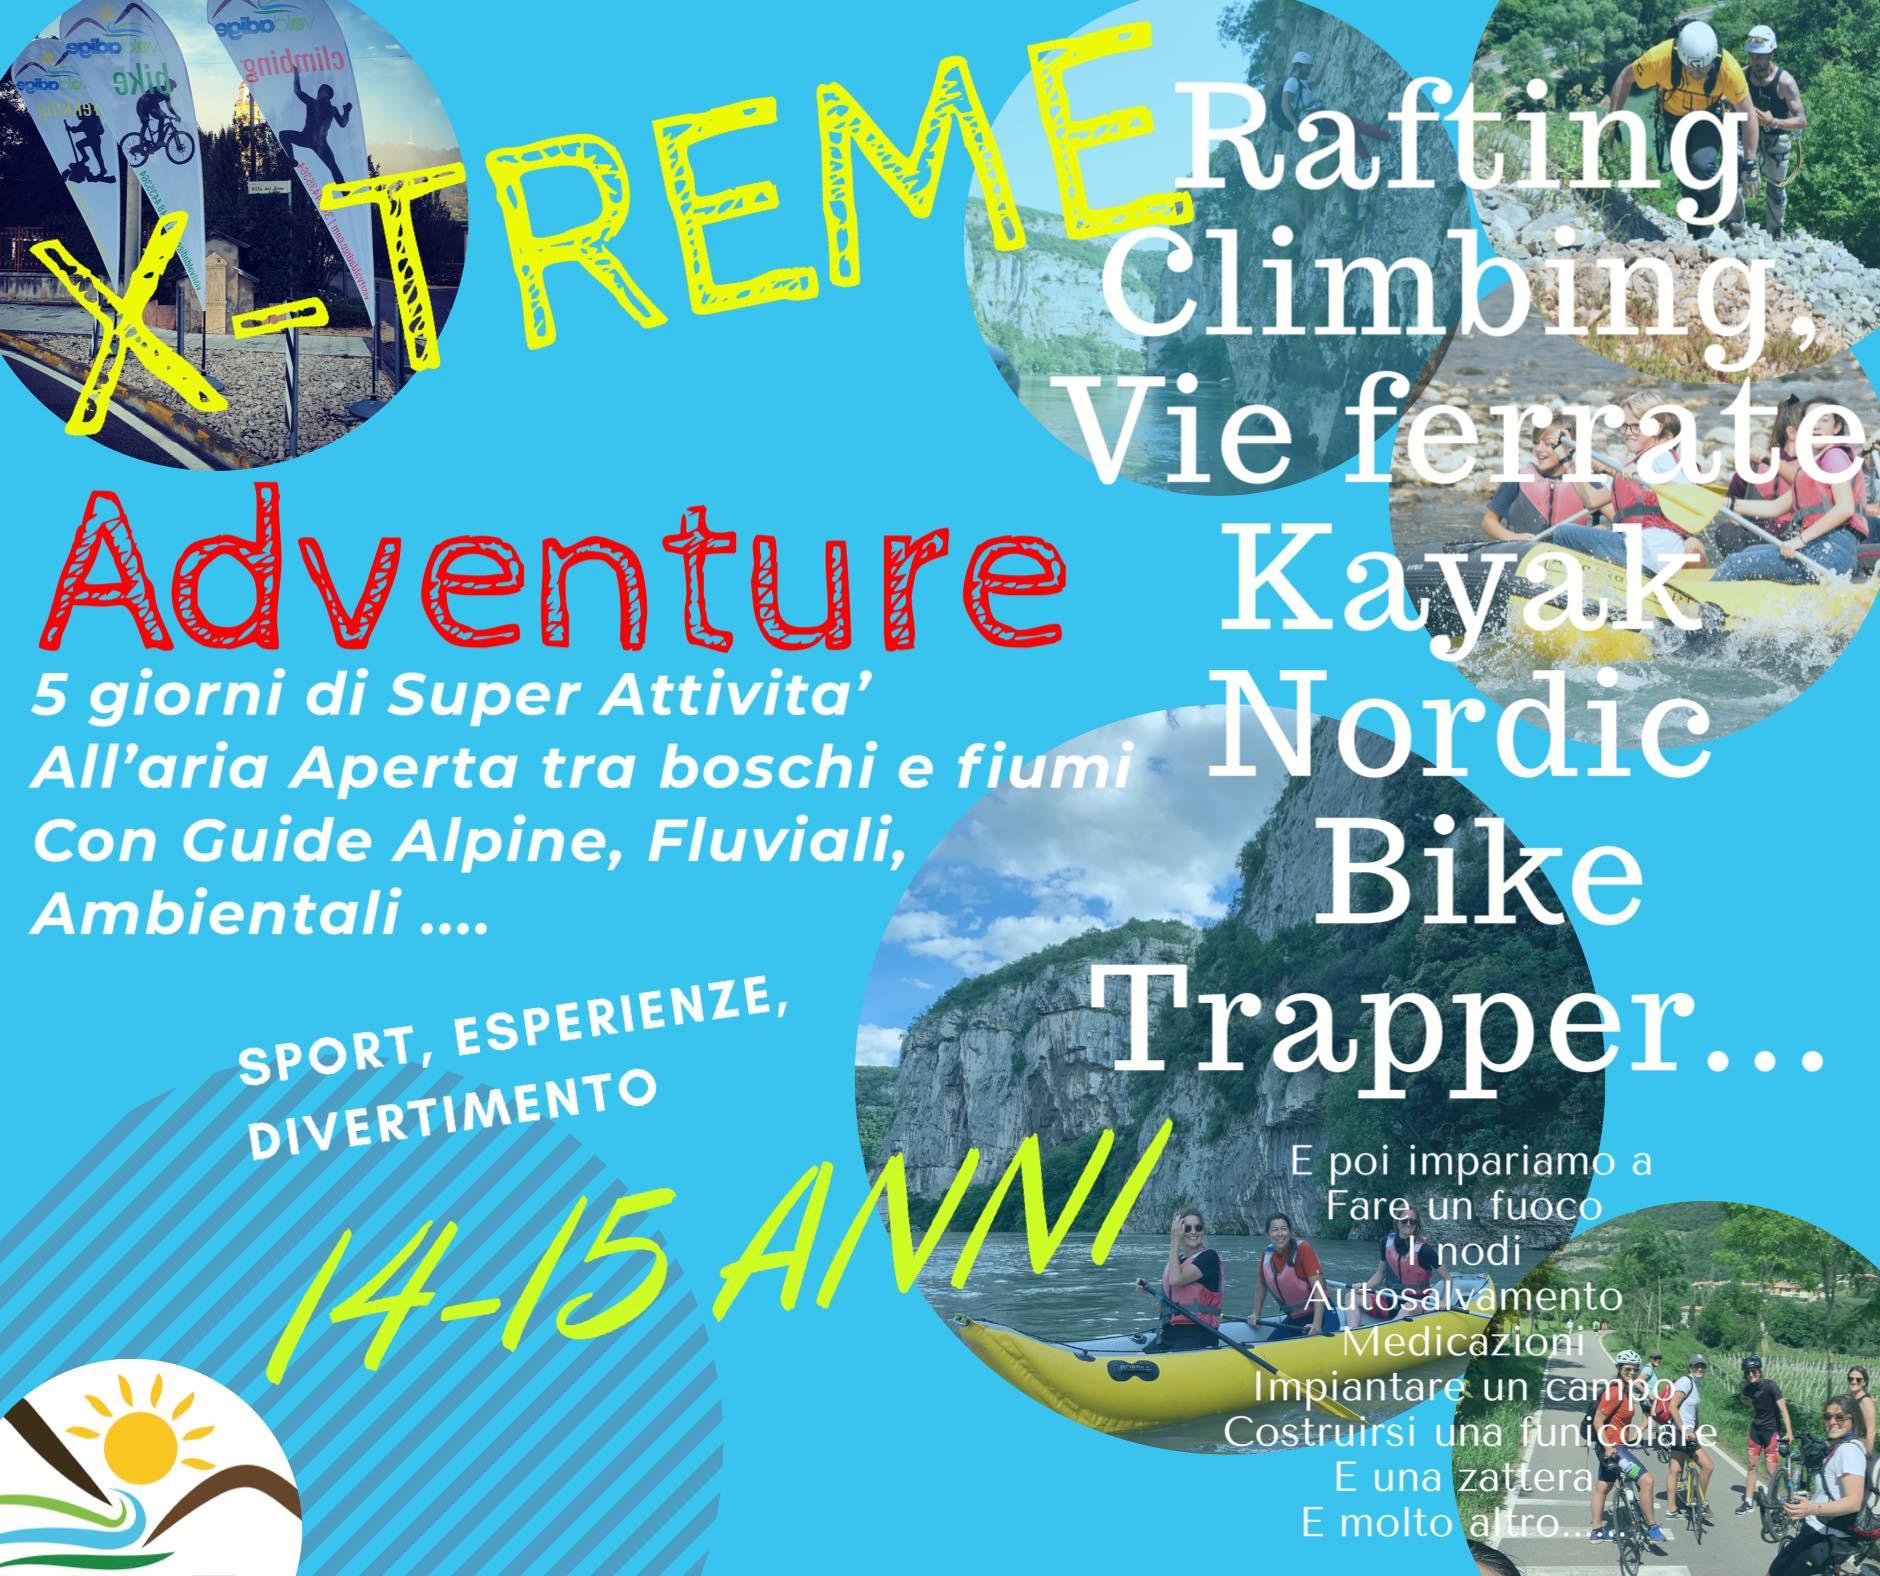 X-treme Adventure Da 14-15 anni. Dal 22 giugno 2020 dal lunedì al venerdì. S...